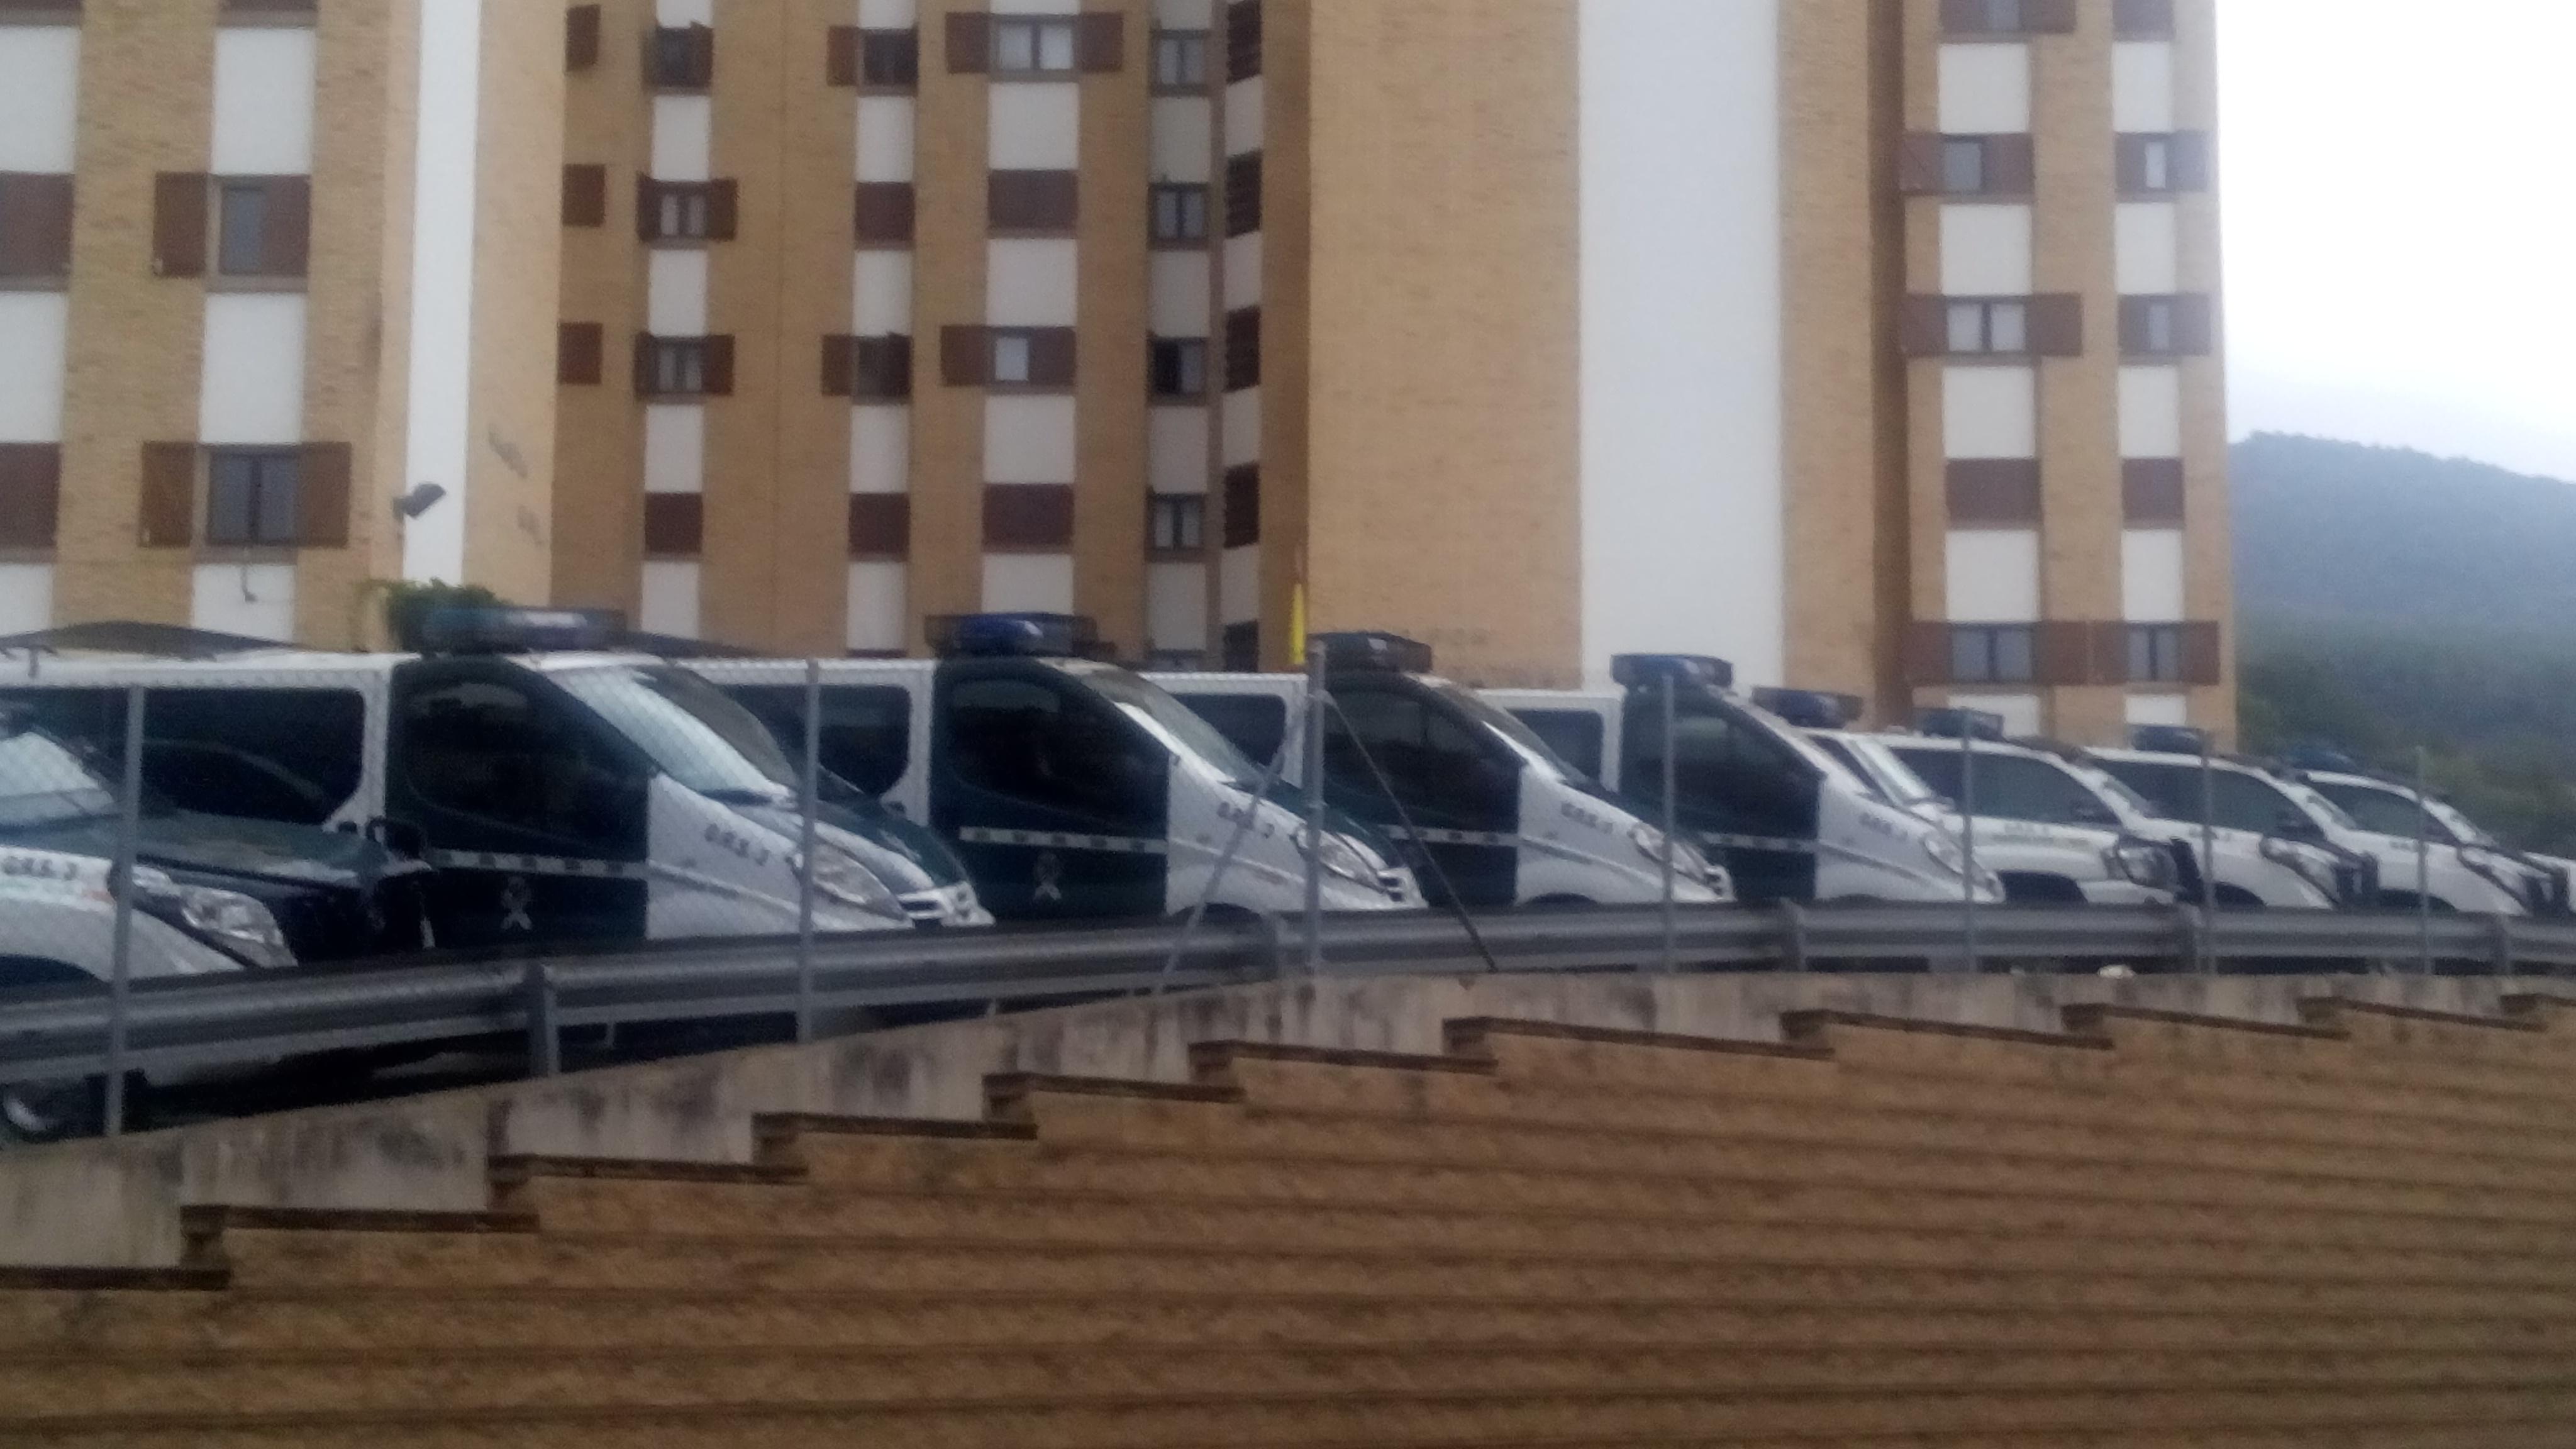 Guàrdies civils arriben a la Seu per donar suport als mossos